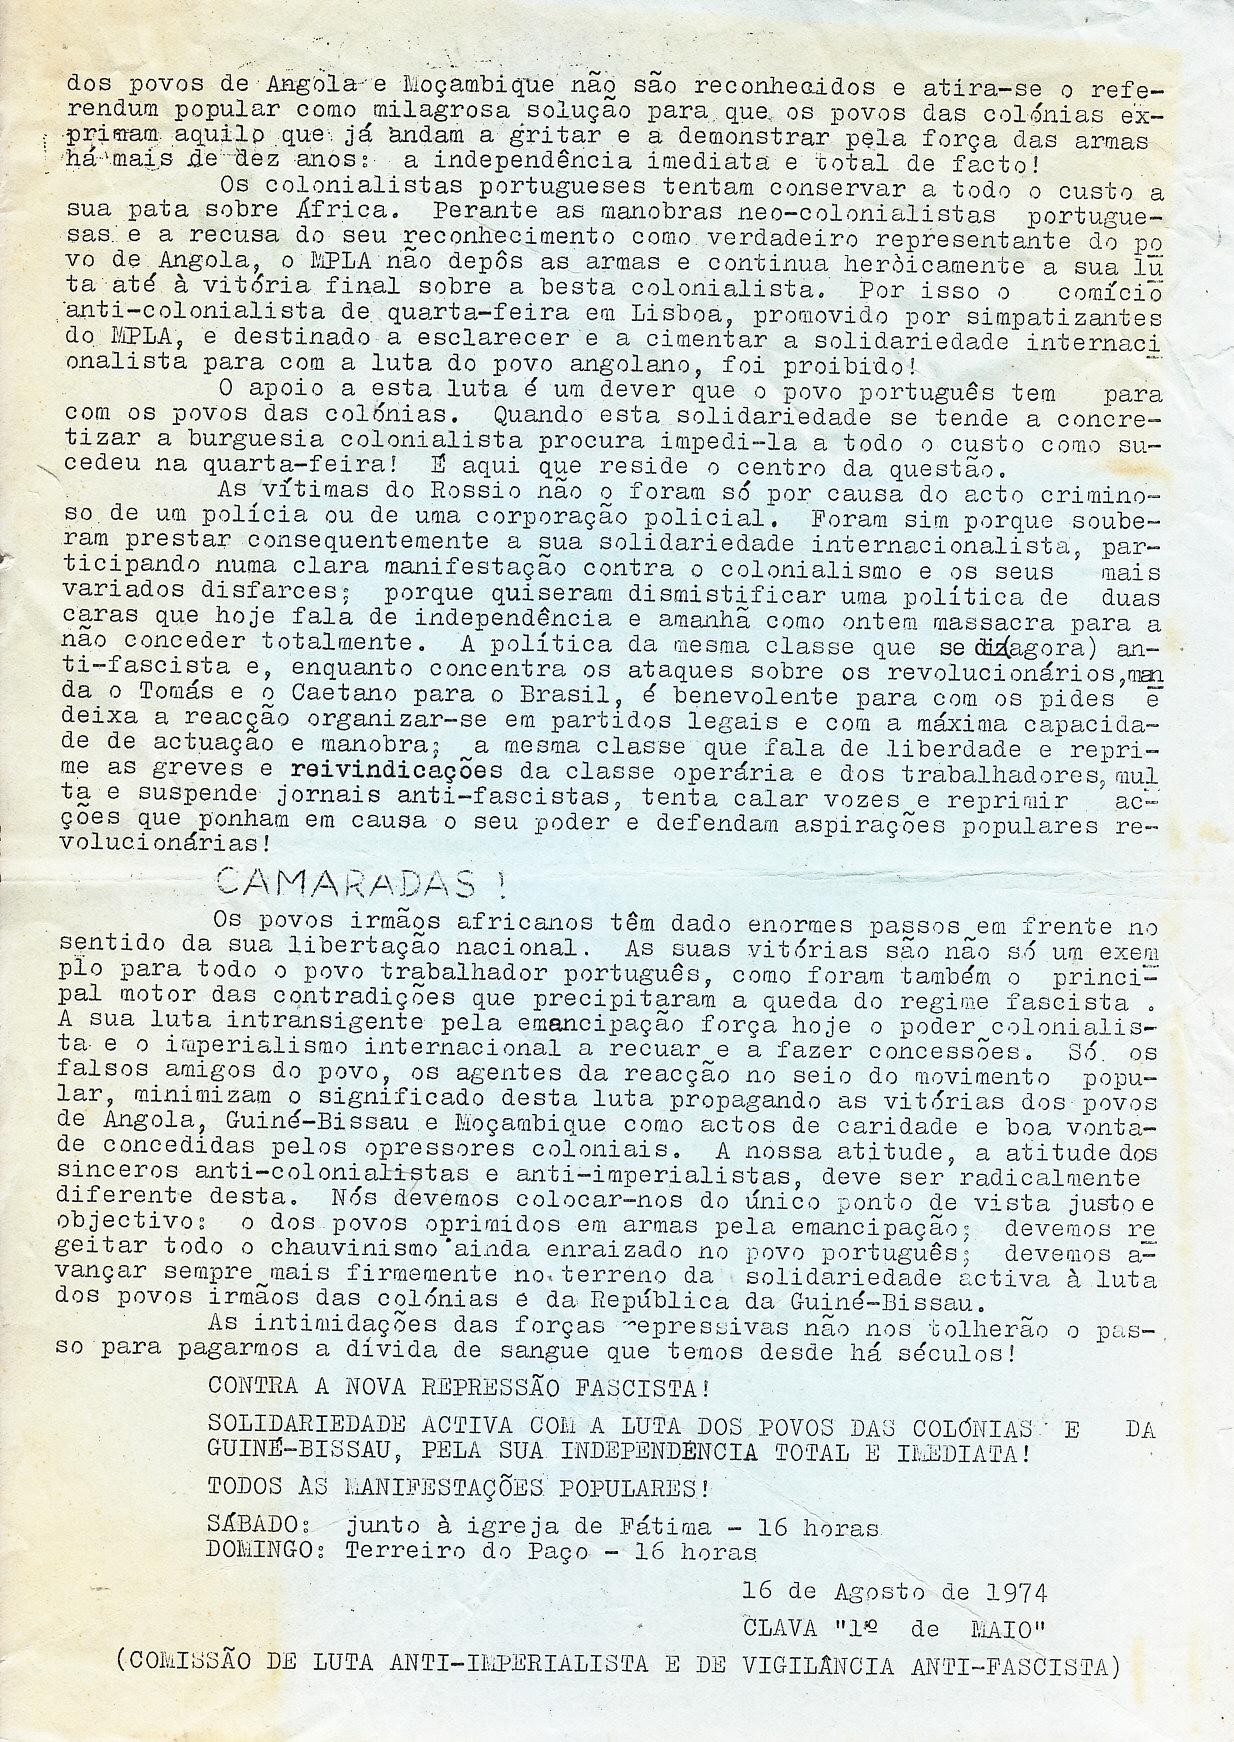 CLAVA_1Maio_1974_0002